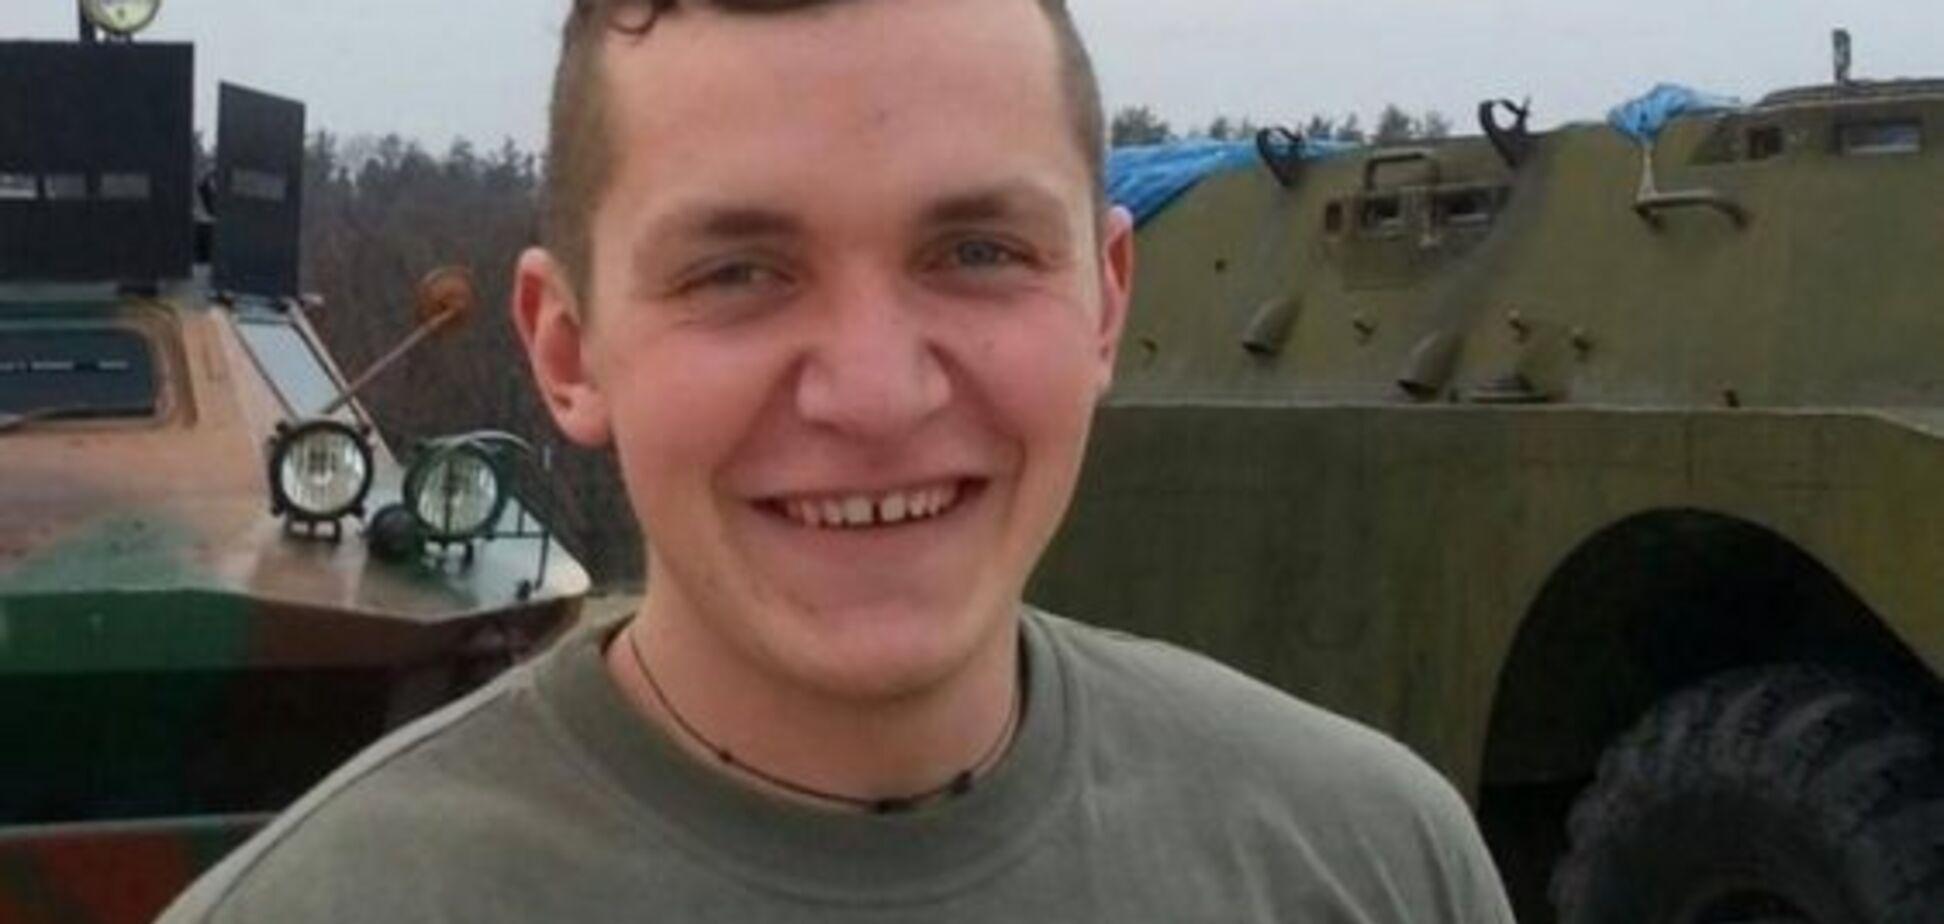 Сміттєве питання затьмарило розум: у Львові депутат влаштував бійку в ОДА